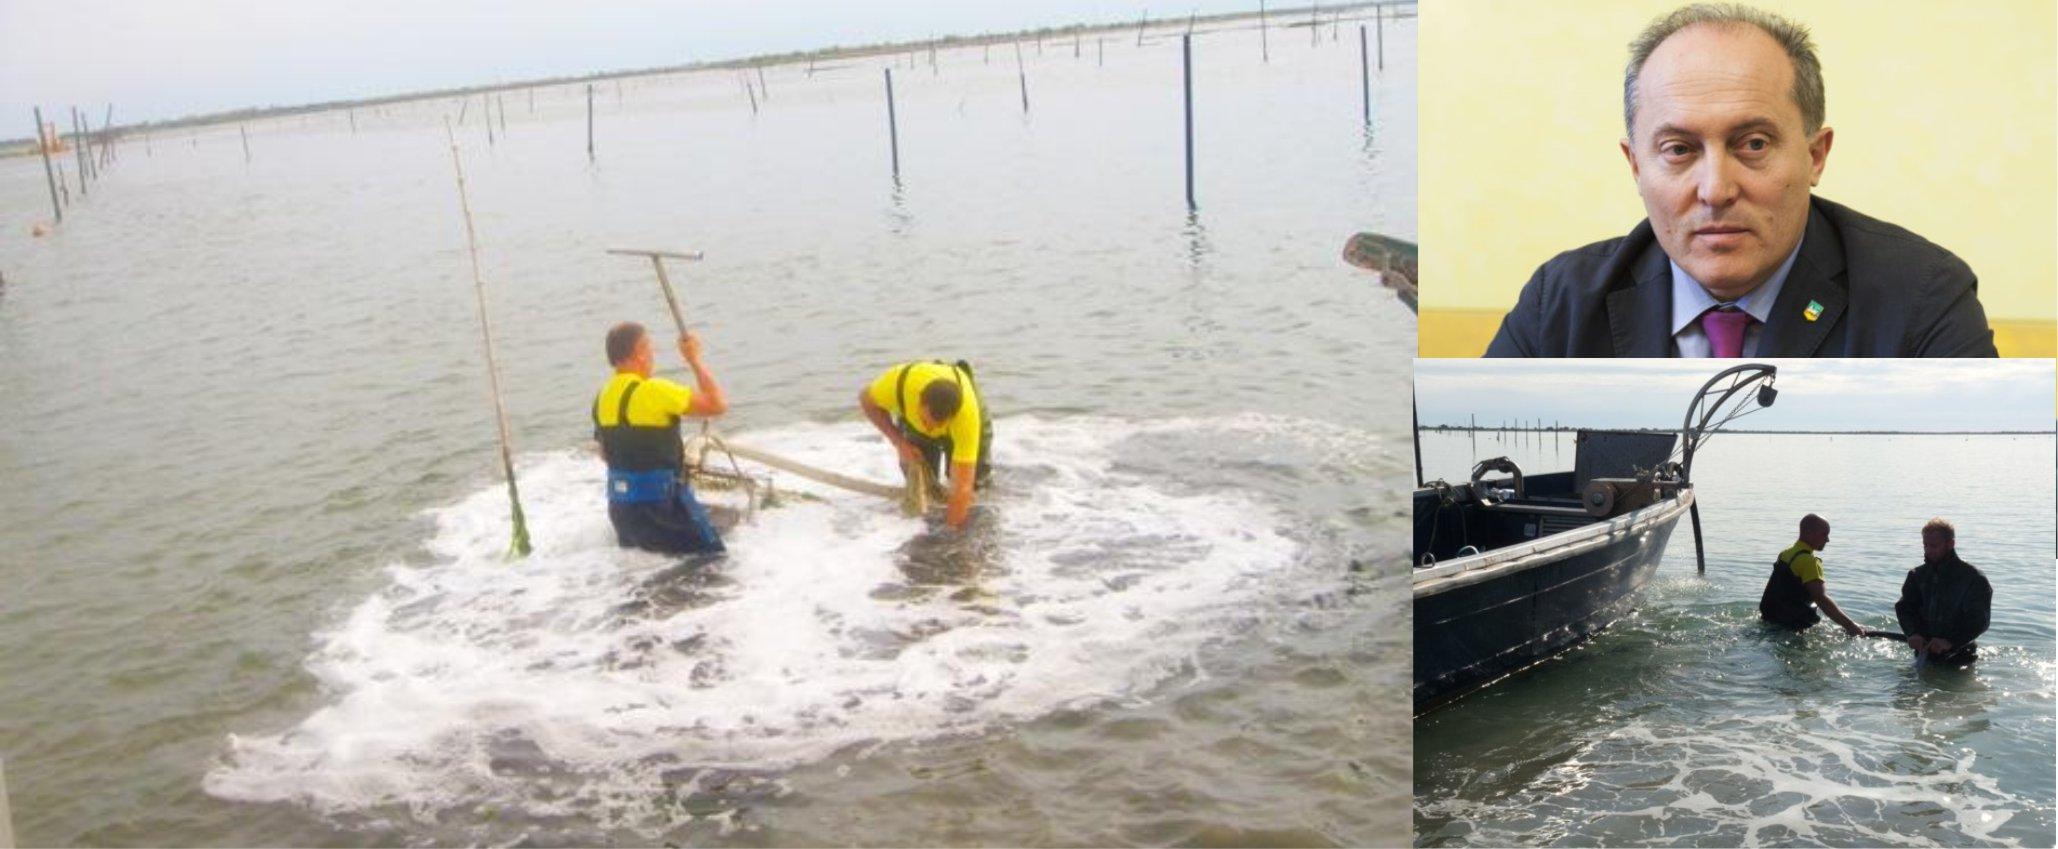 Azzalin: Proroga dei diritti di pesca, dalla Provincia paure ingiustificate.  La Regione, invece, conferma l'assoluto disinteresse per il Polesine